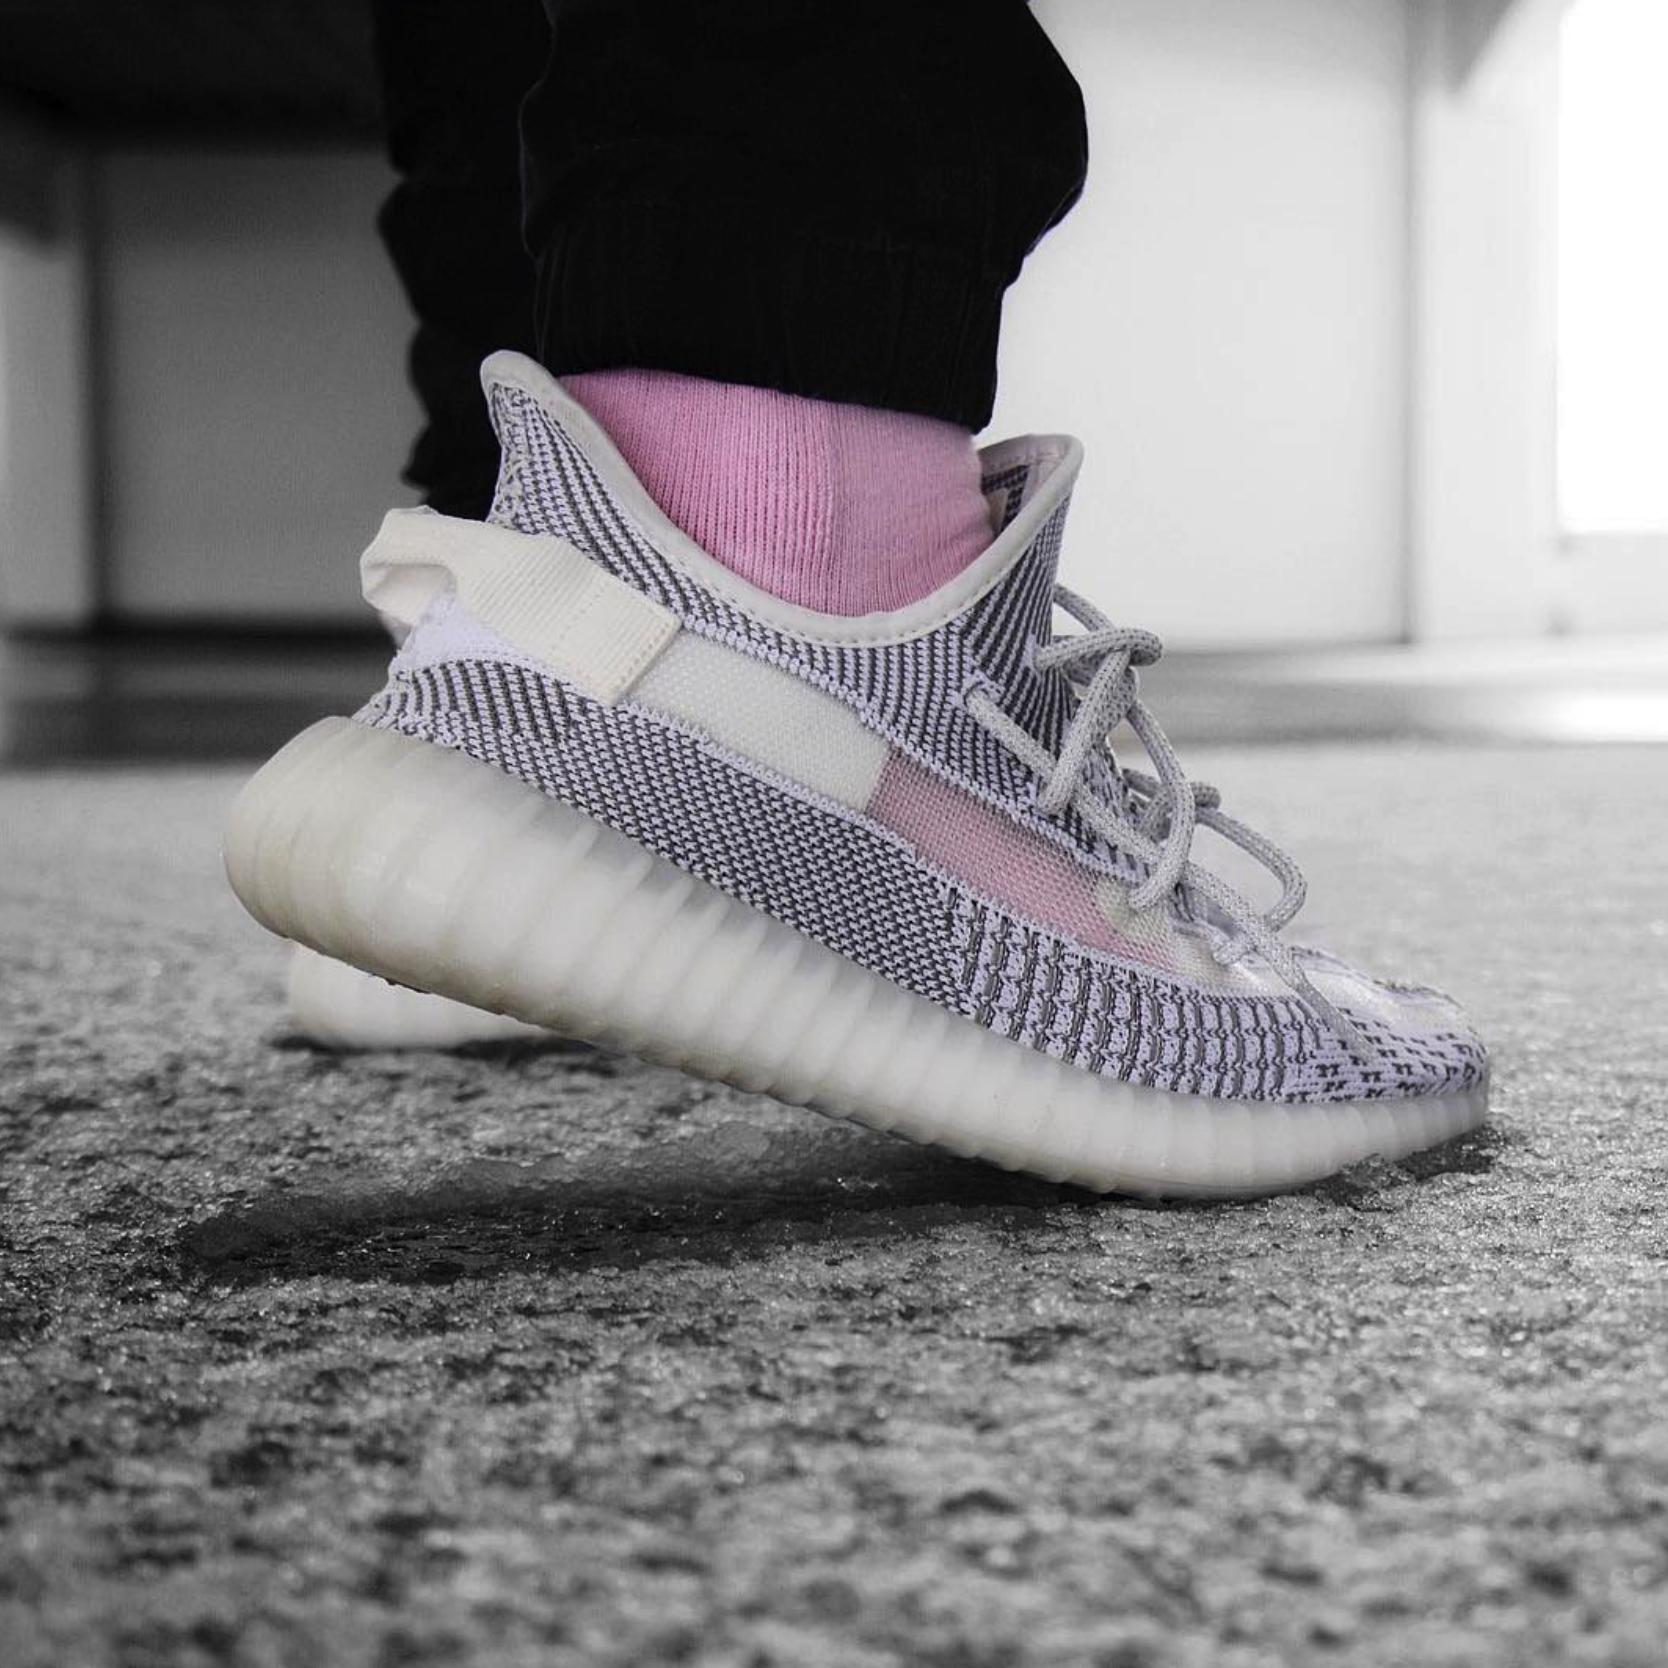 Adidas yeezy boost, Yeezy, Sneakers